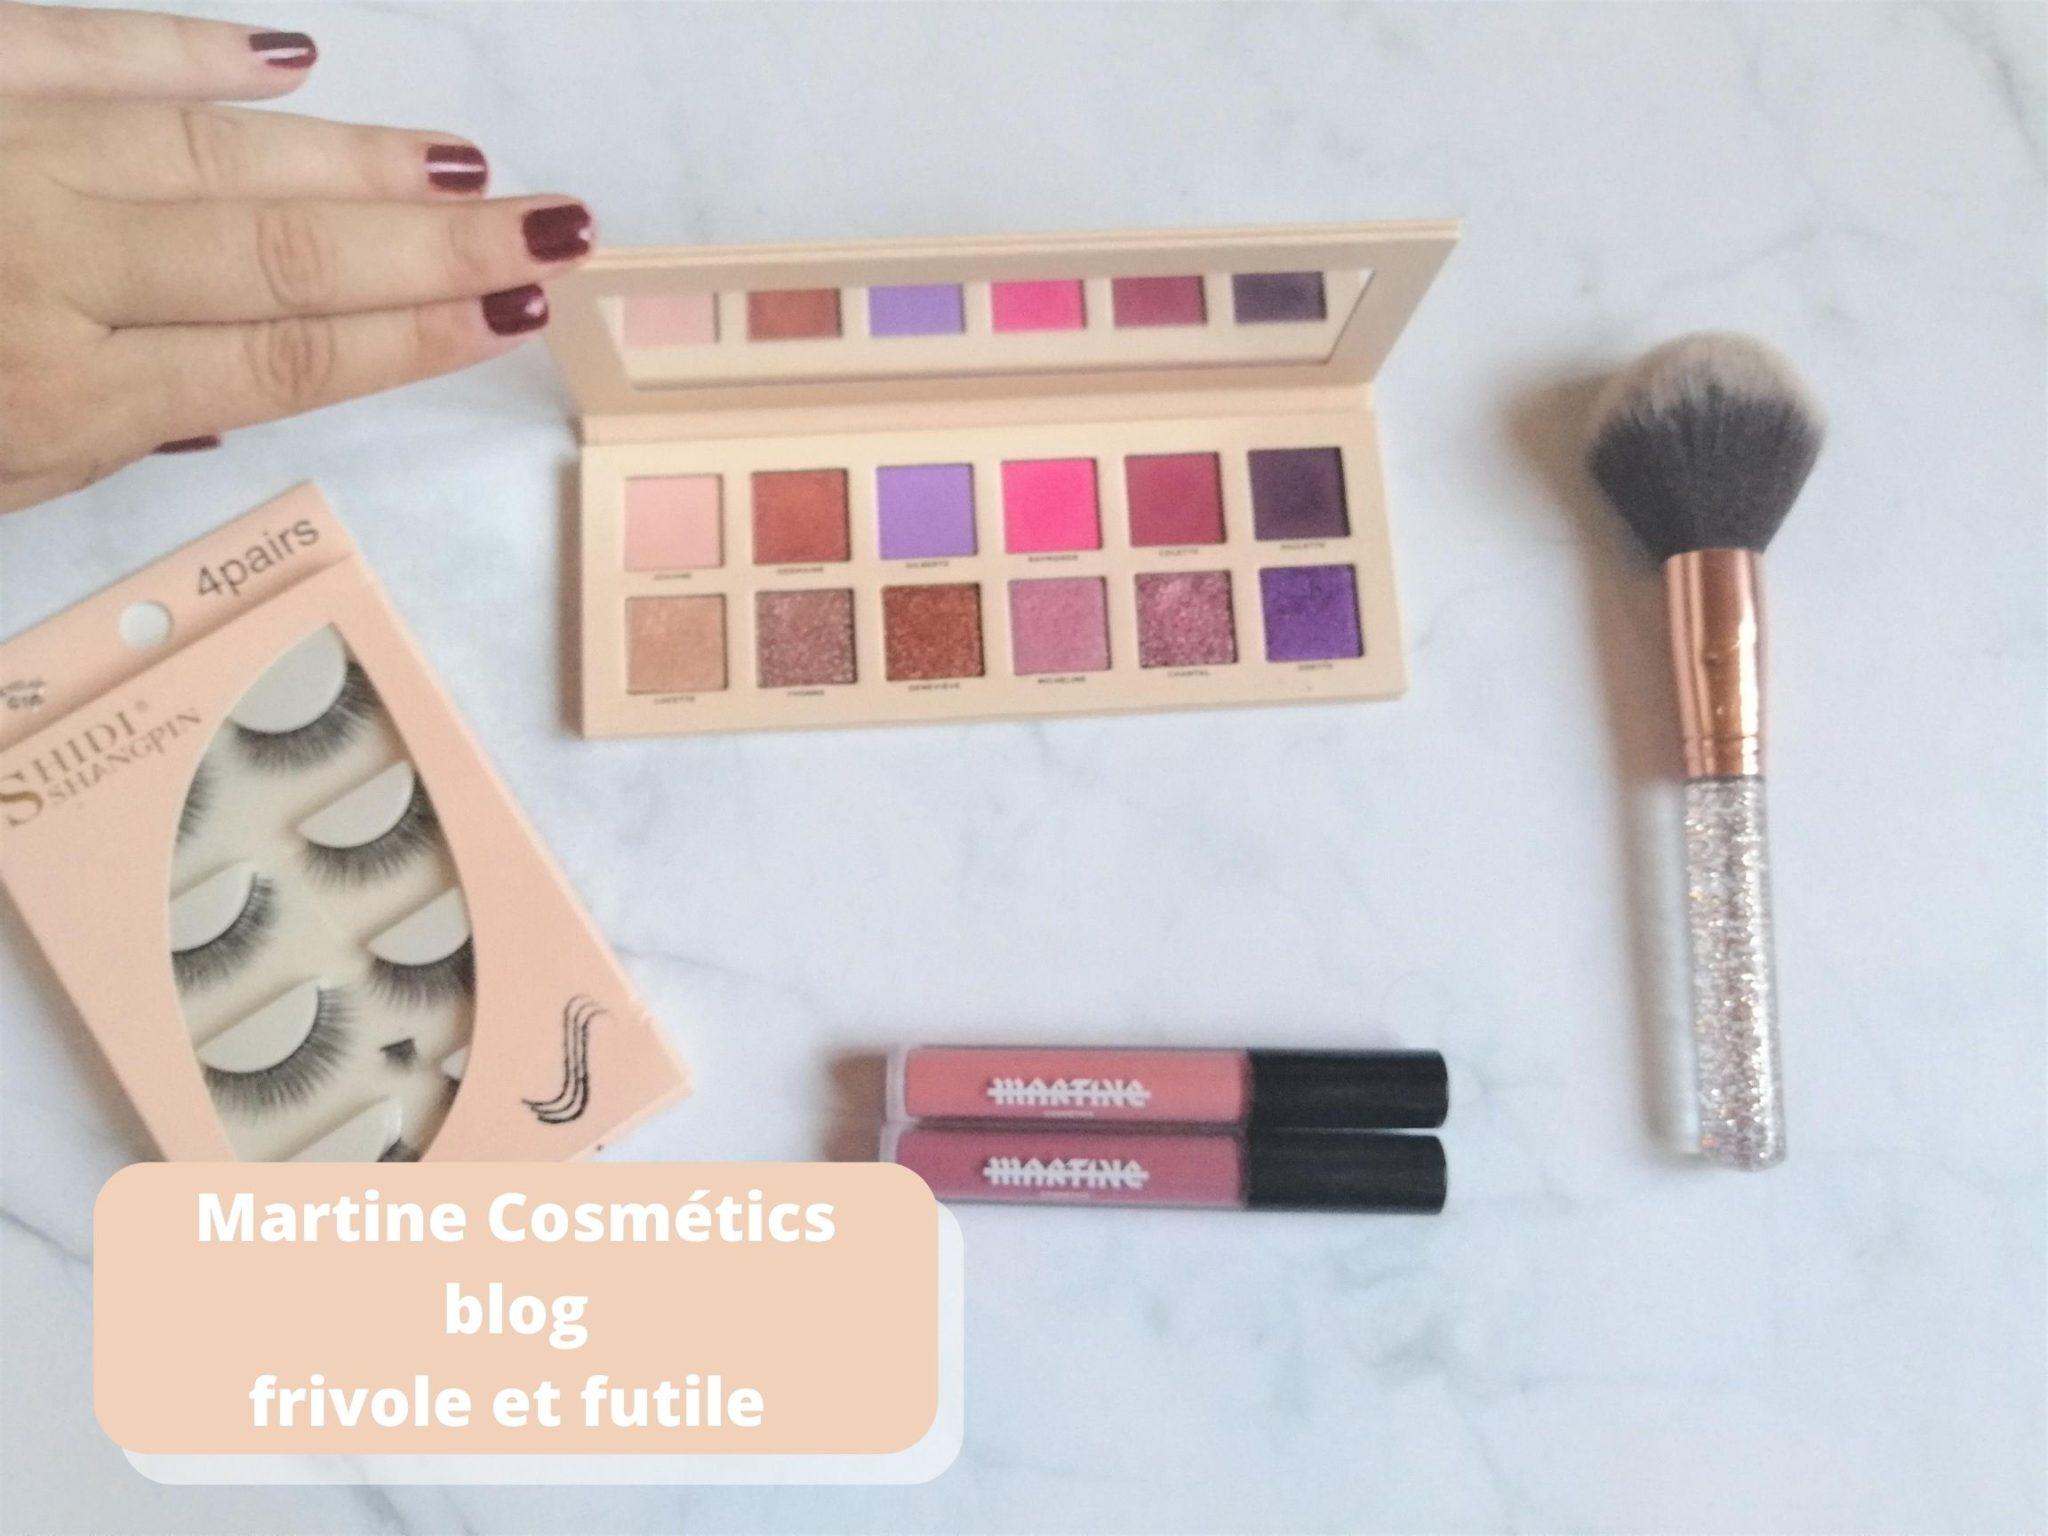 Martine Cosmetics douce tchoin blog frivole et futile